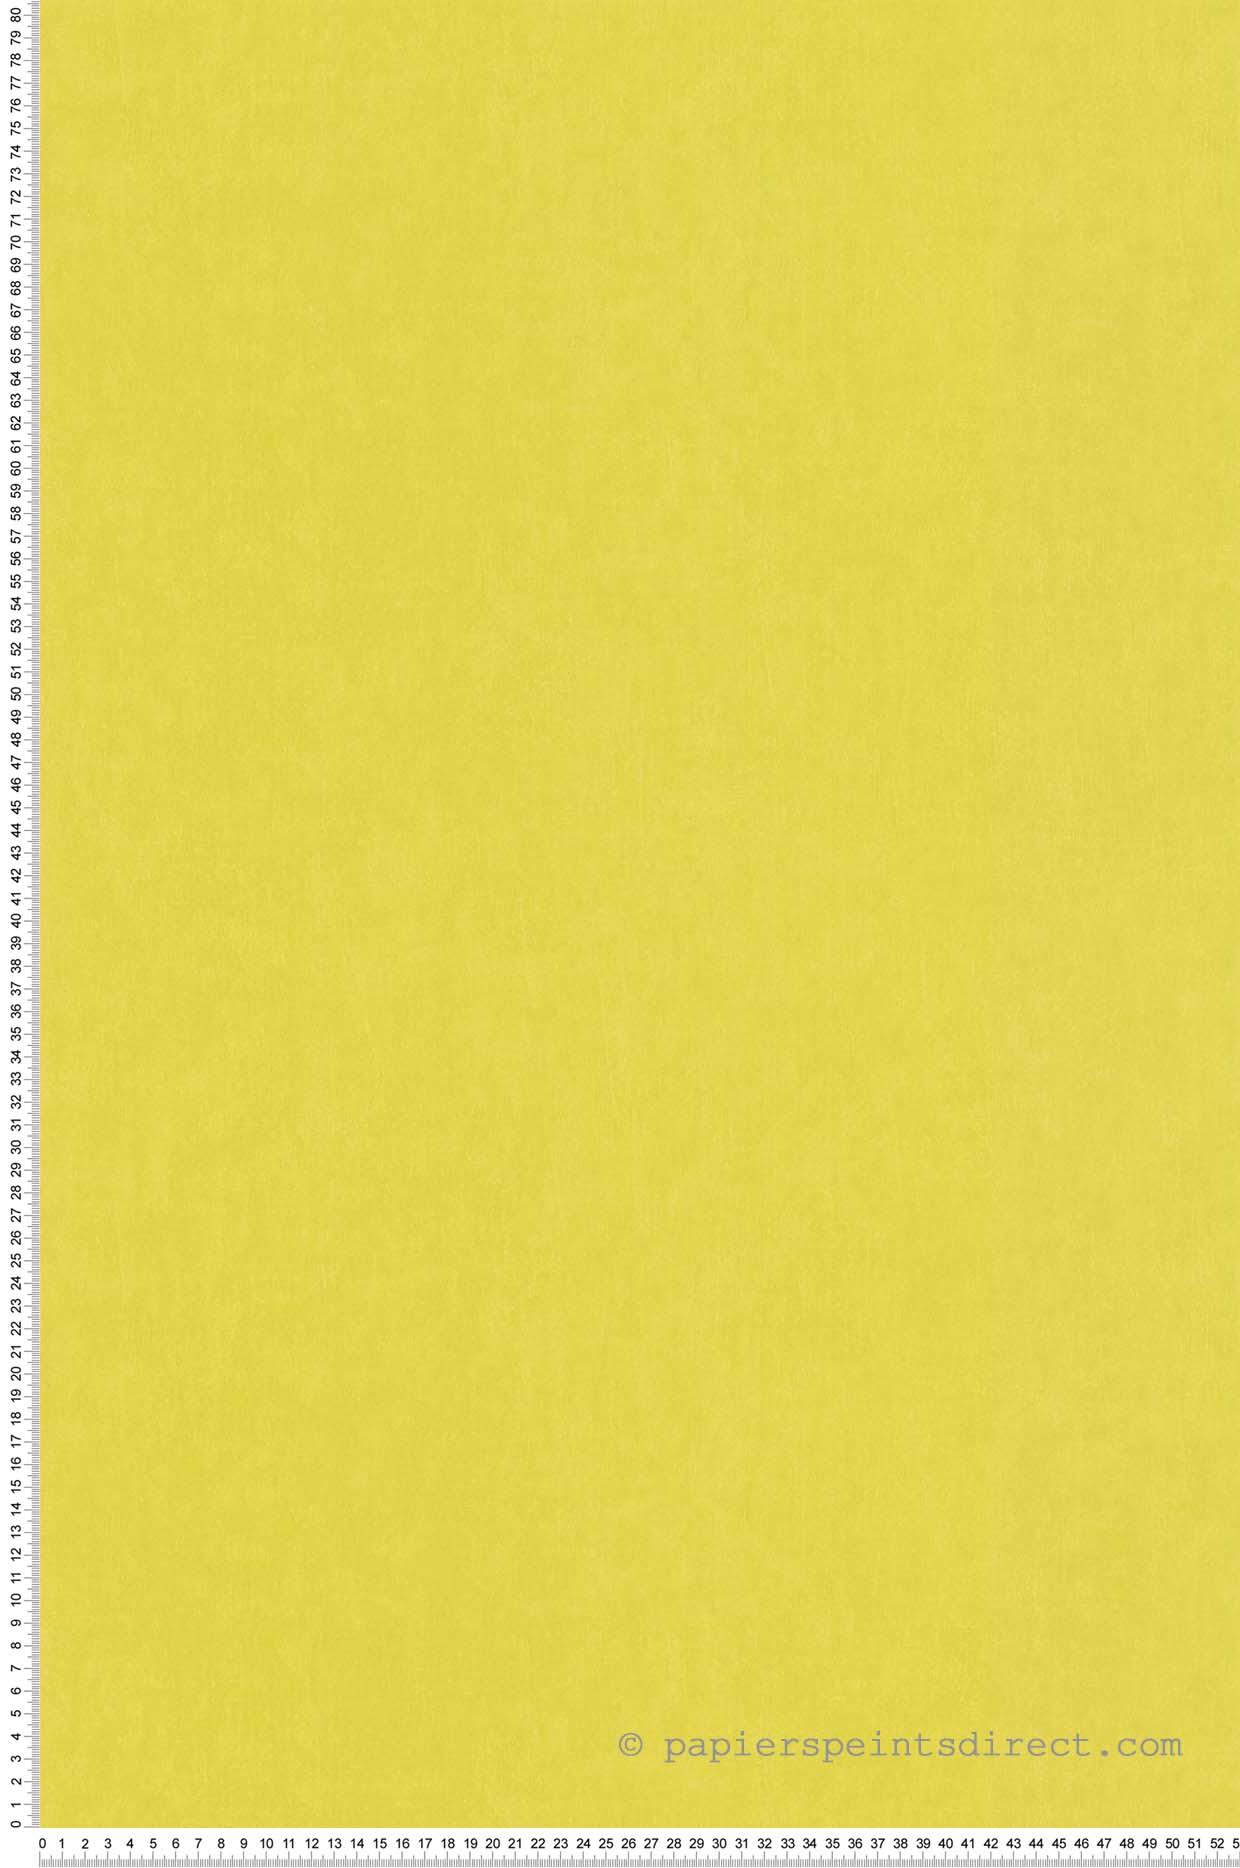 Papier Peint Uni vert anis - Les Petits Curieux de Lutèce  | Réf. LTC-11163304